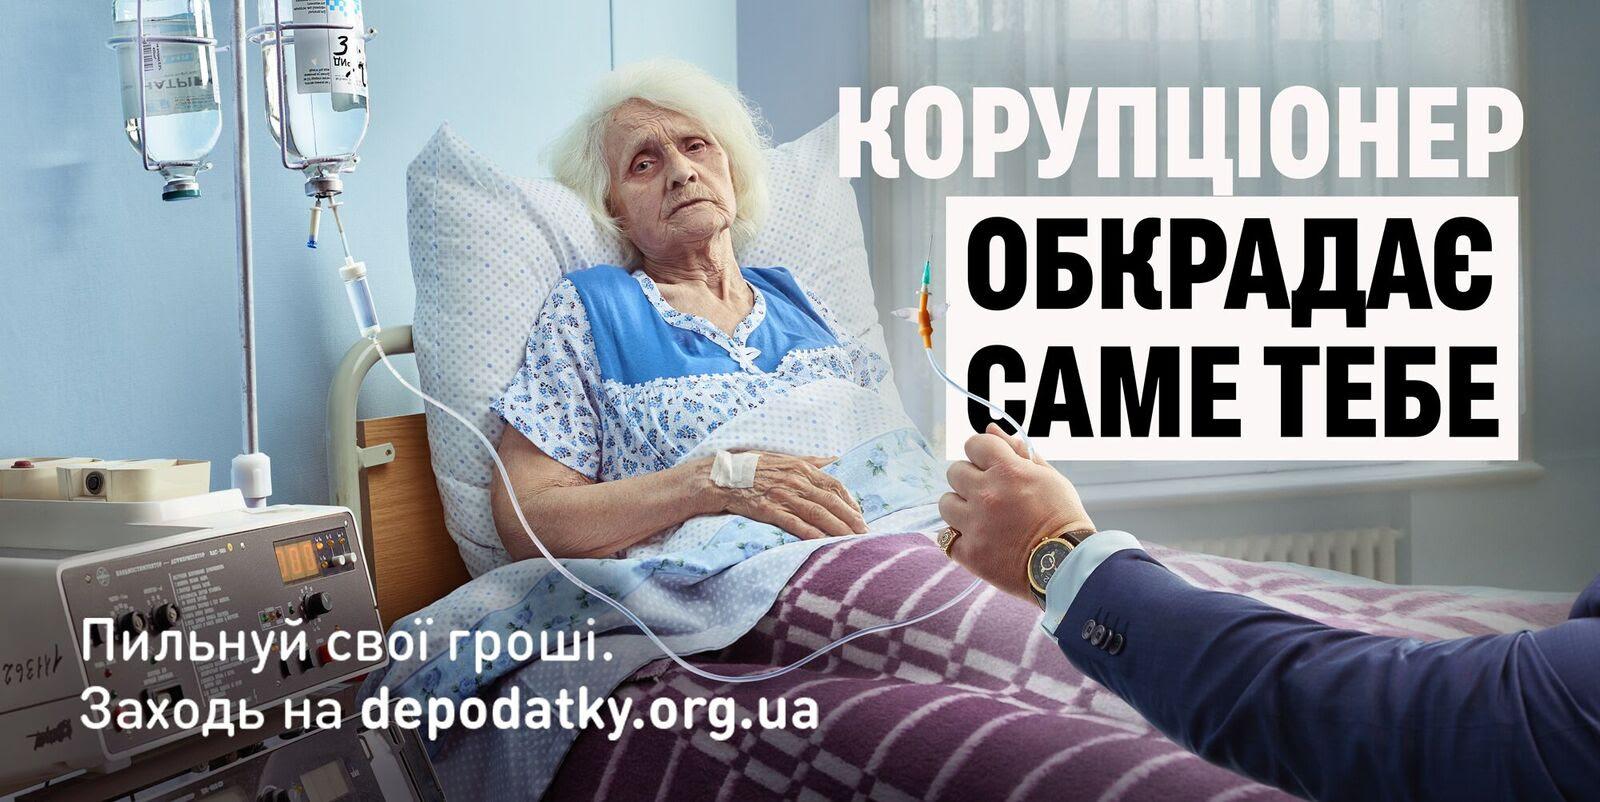 Корупціонер обкрадає саме тебе: в Україні стартувала інформаційна кампанія про податки